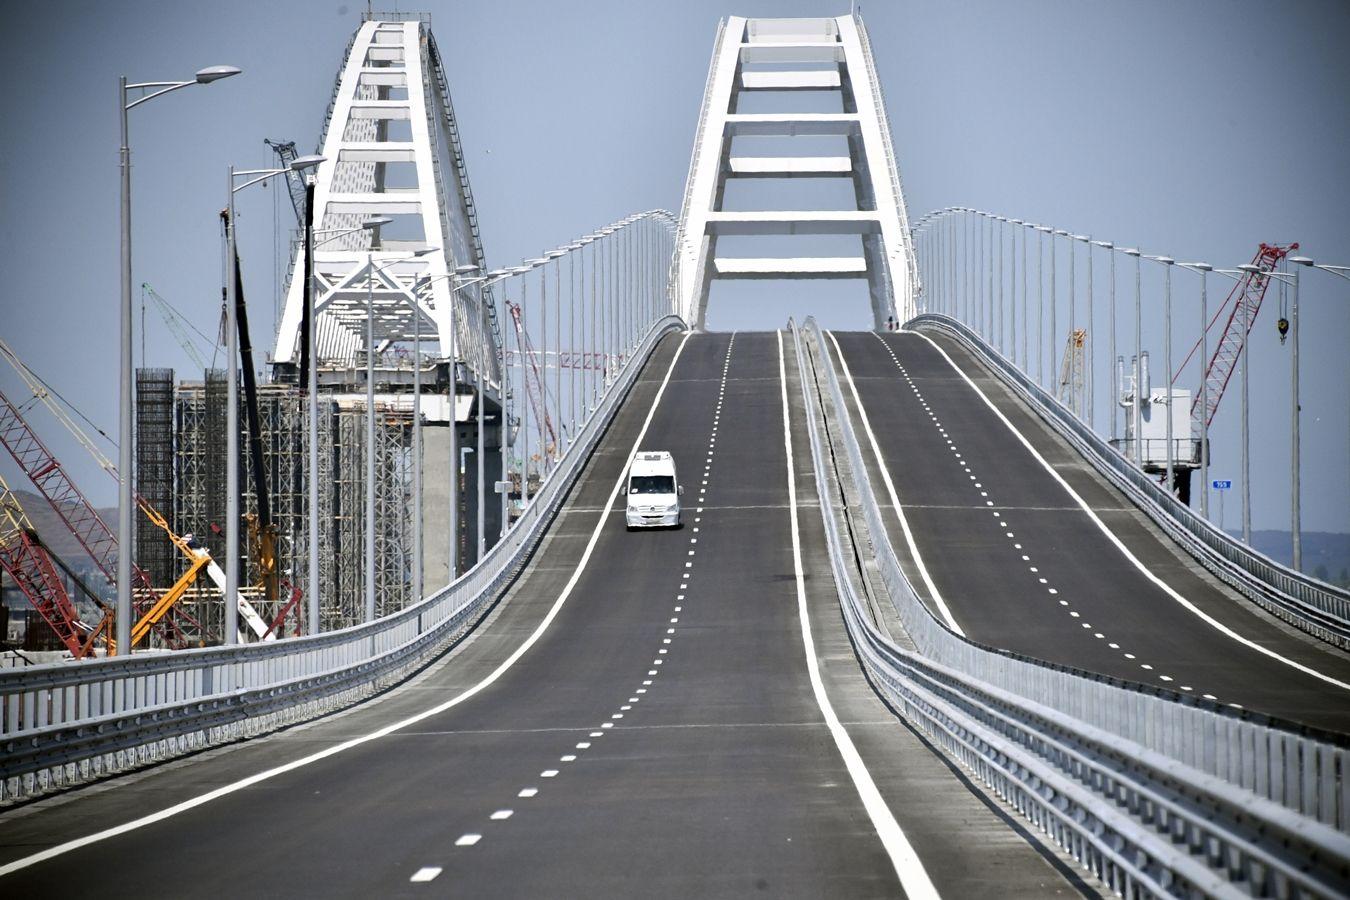 สะพานเชื่อมรัสเซีย-ไครเมีย